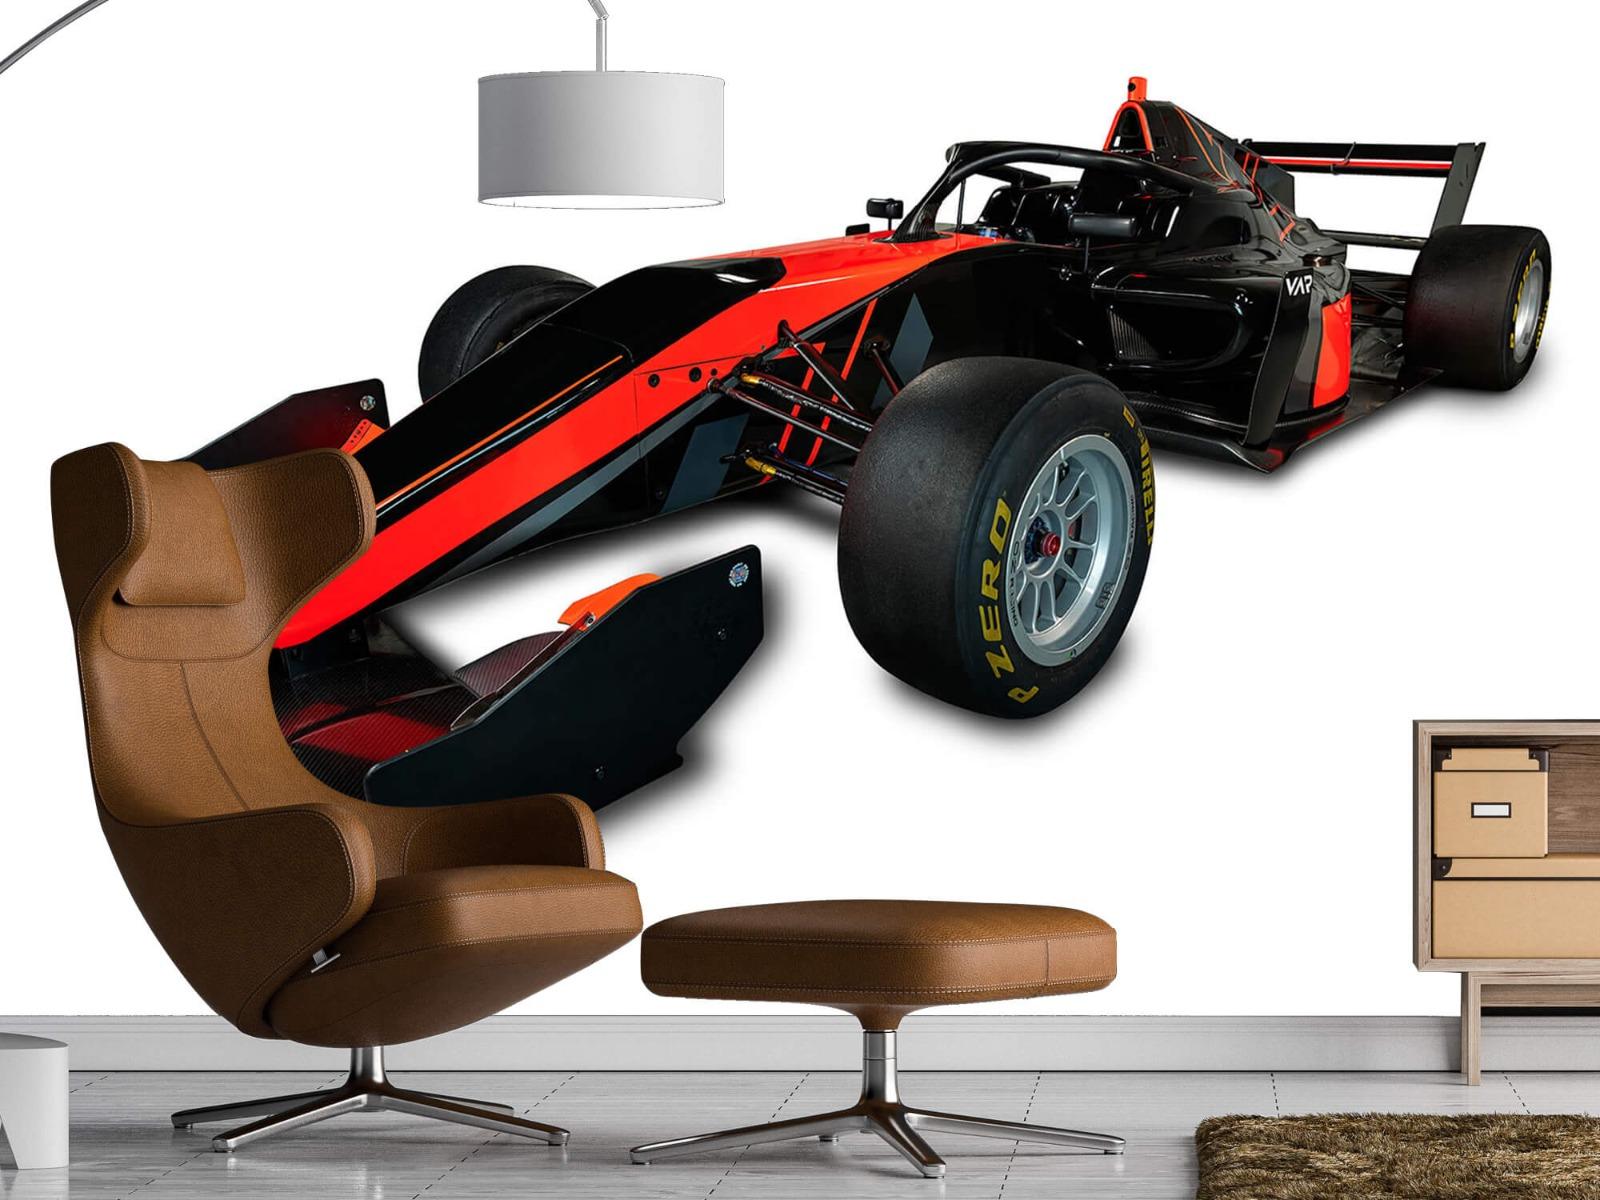 Sportauto's - Formule 3 - Left front view - Tienerkamer 19